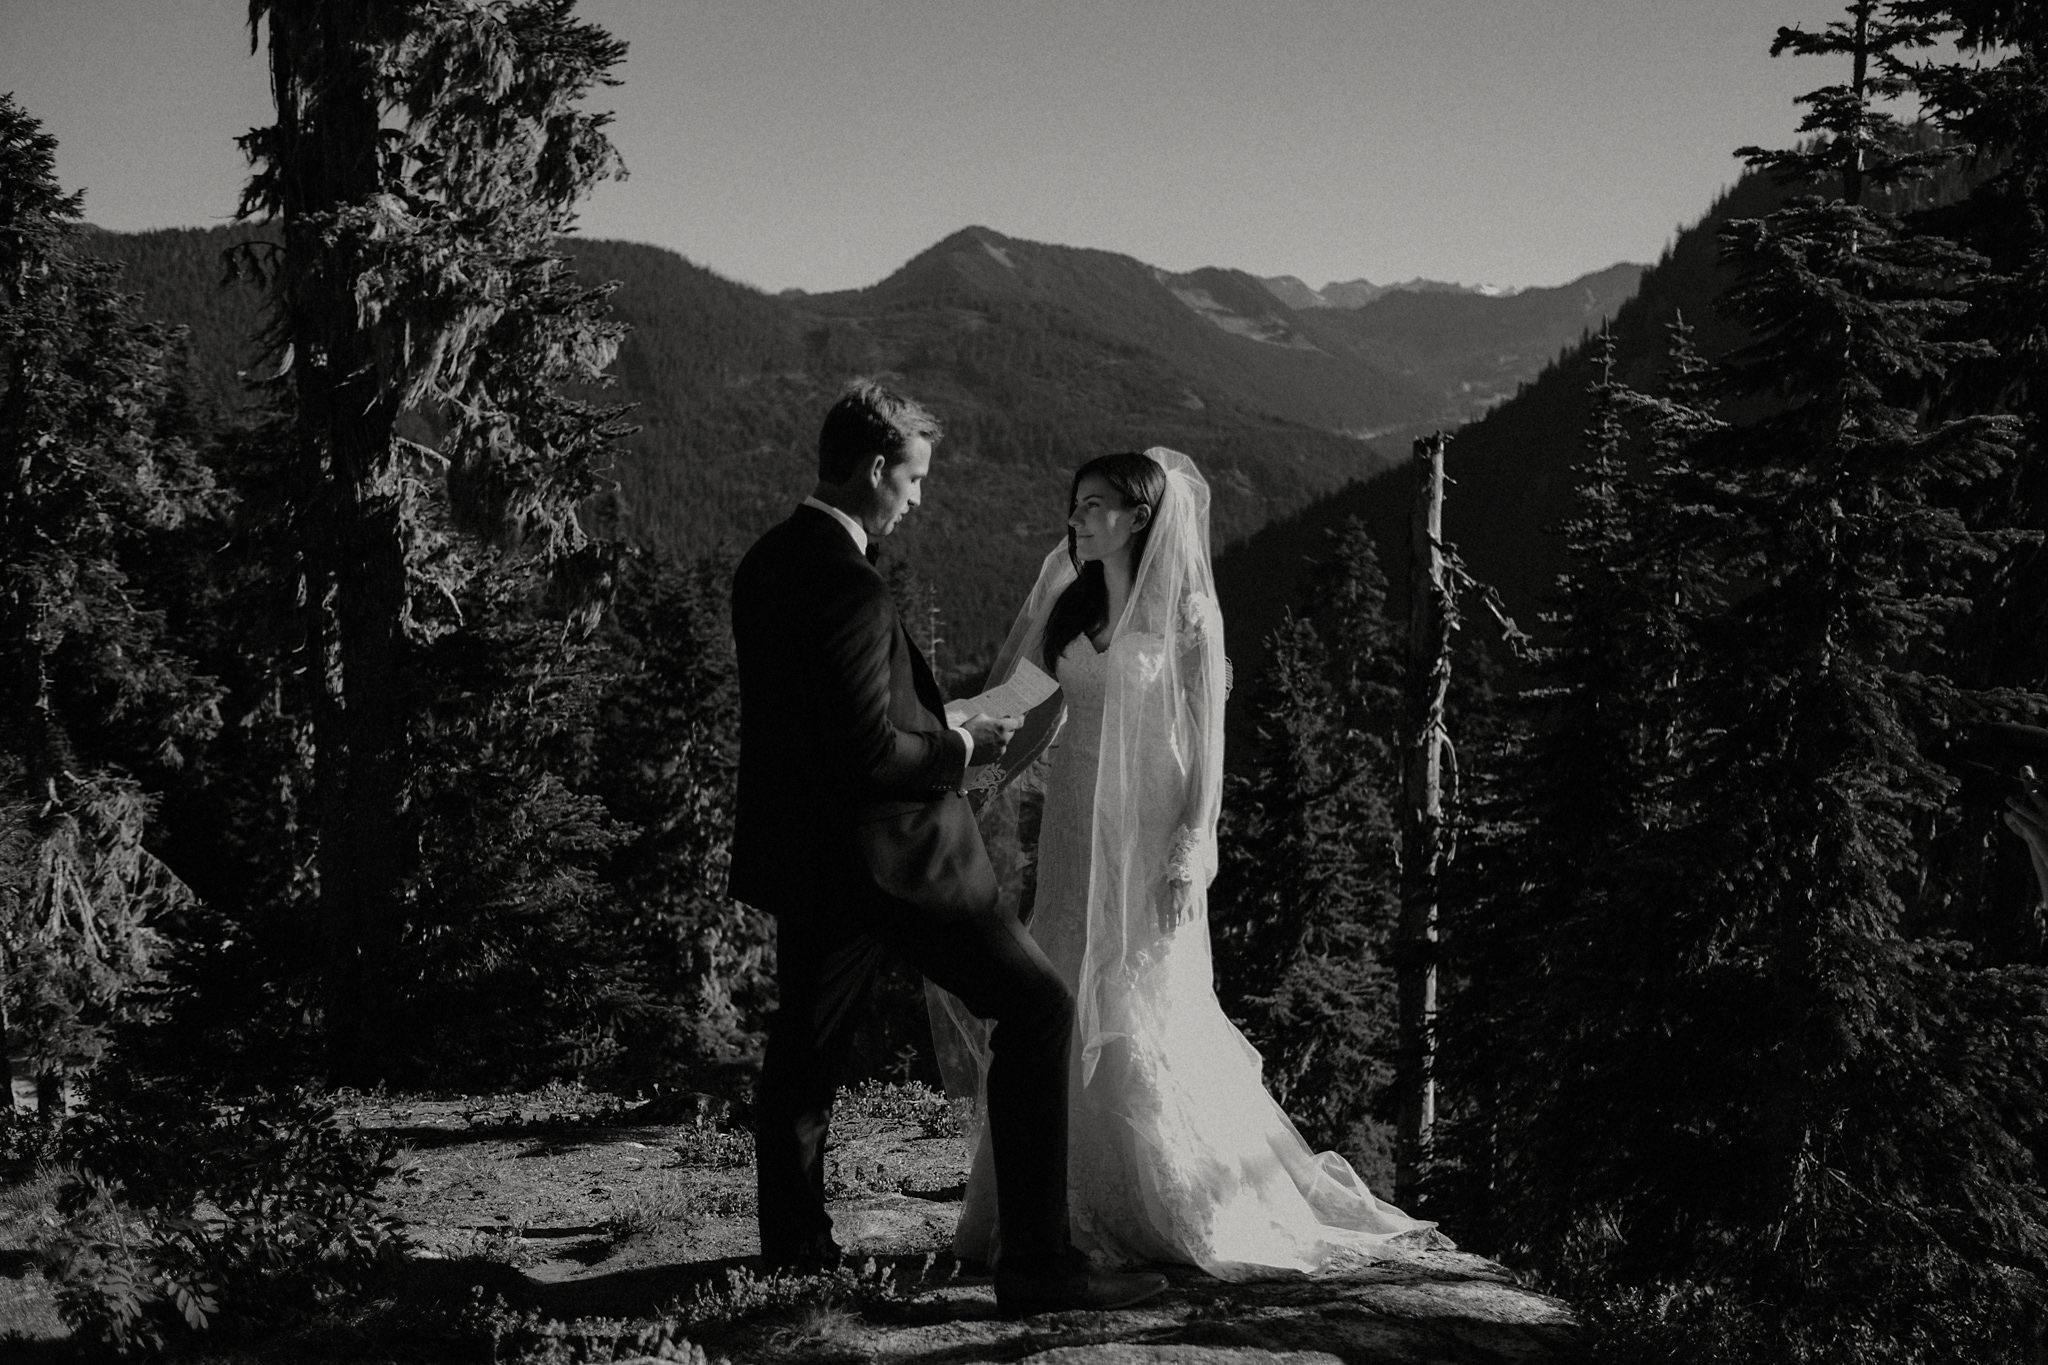 mindy-michael-cascade-mountains-elopement-wedding-26.jpg